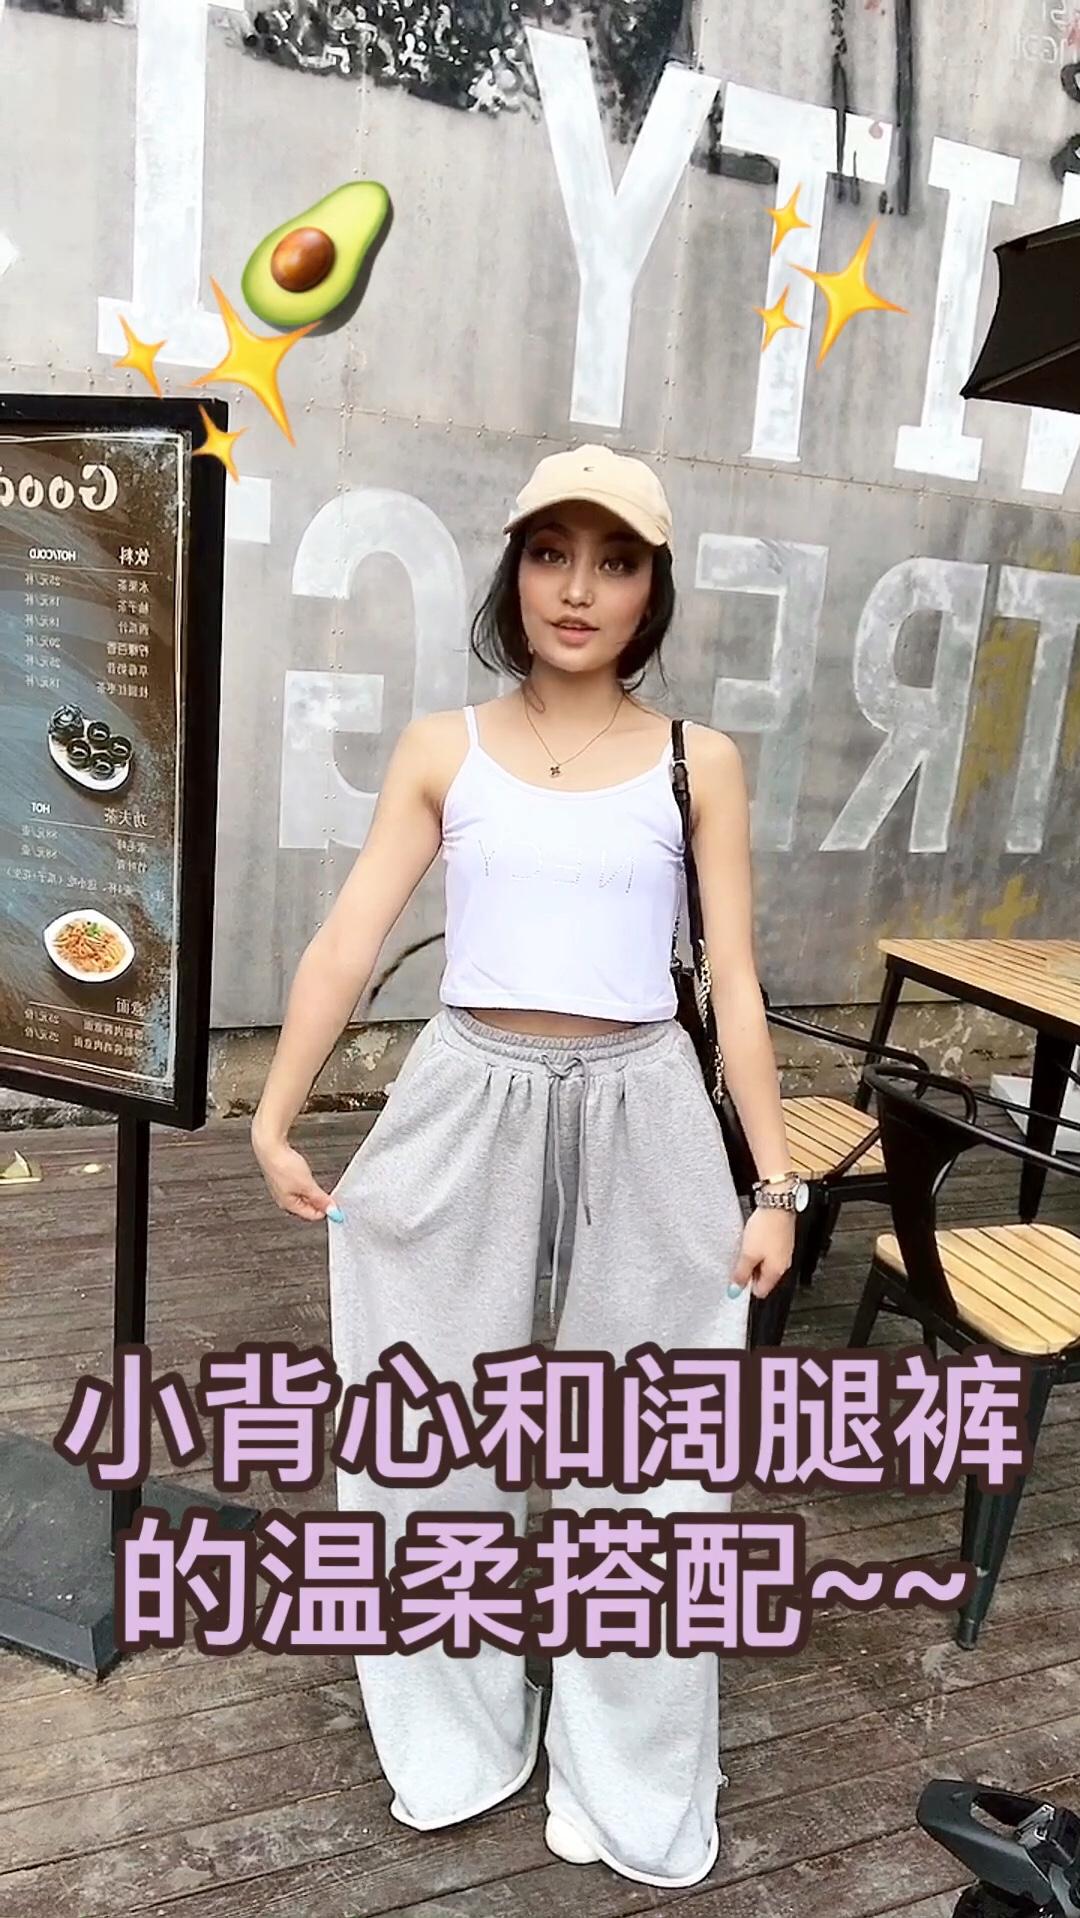 #必备短t,轻松穿出女神比例#160 46KG可以这样穿 简单穿搭穿出好身材 ~🤪喜欢这种短吊带 搭配上一 条超大的直筒裤是没有毛病的 一套下来真的是超级平价 快入手一件必备短T!